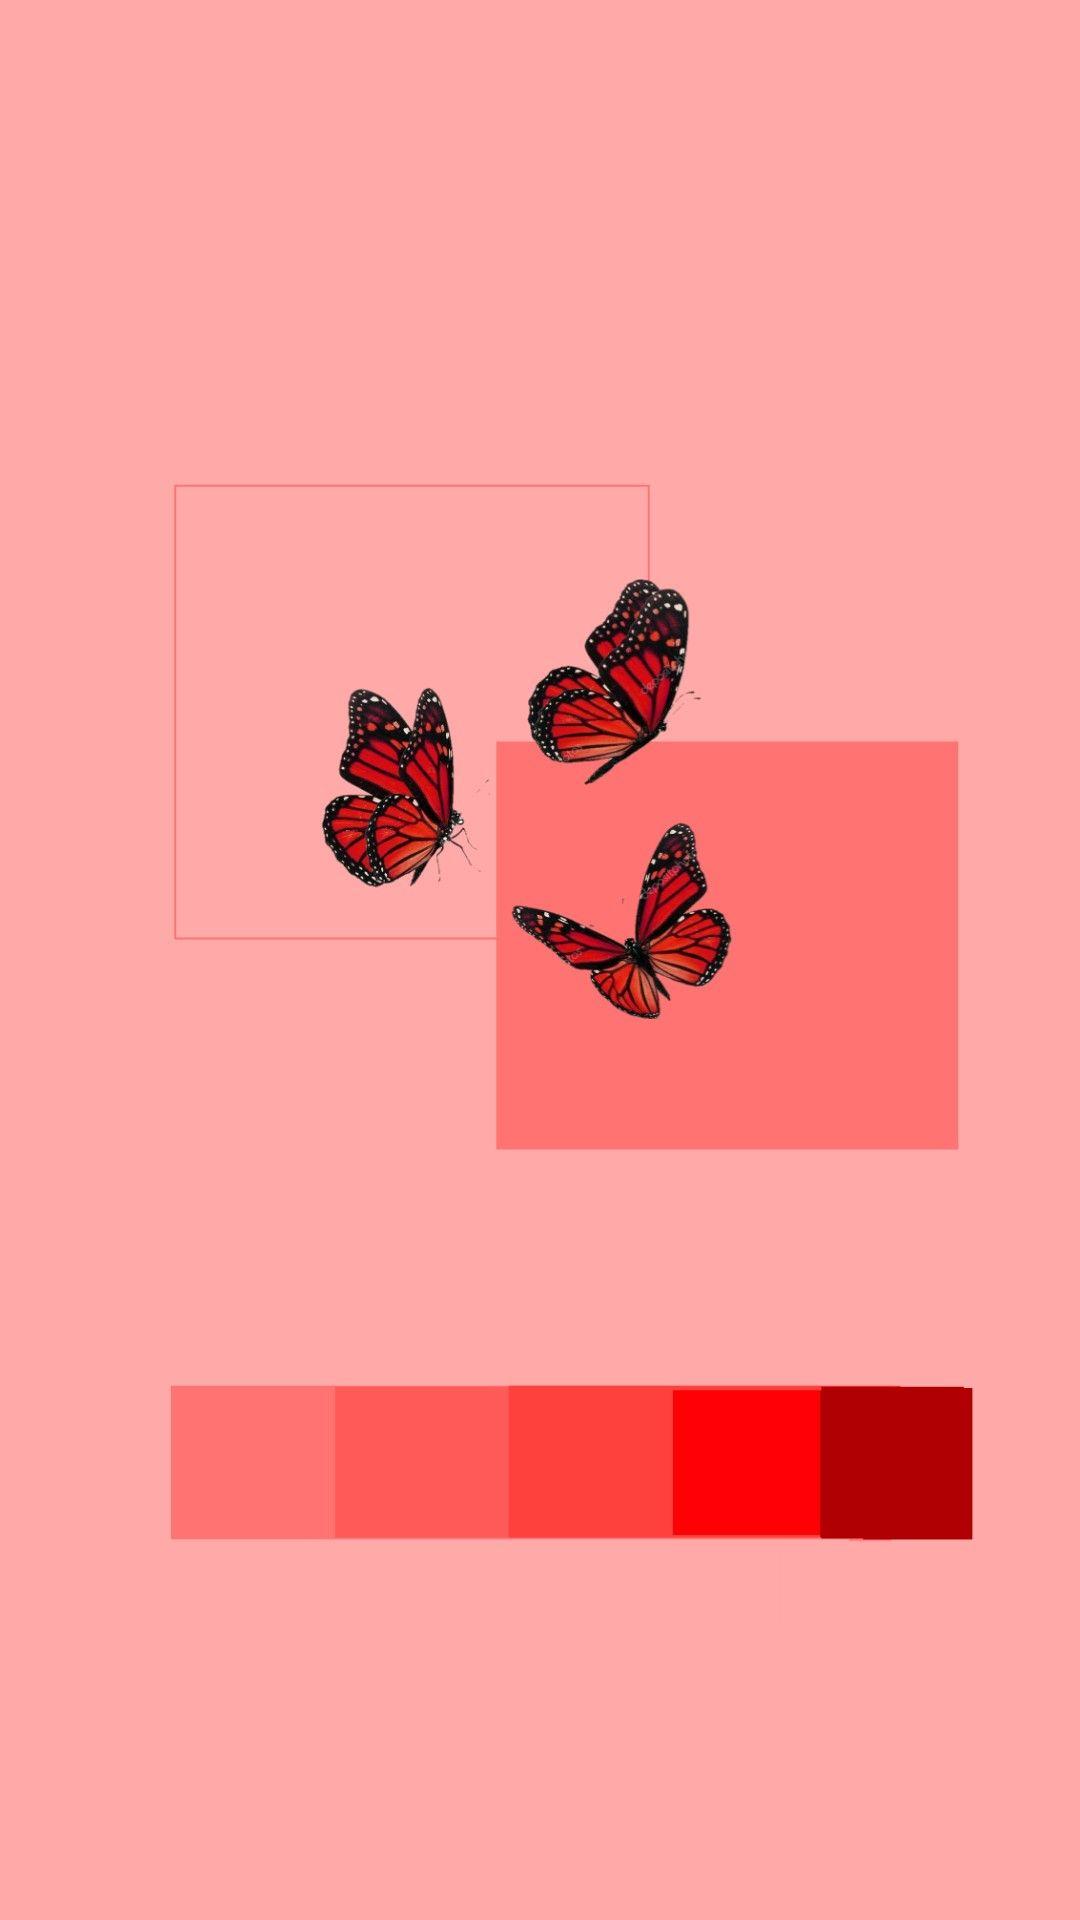 Wallpaper In 2020 Butterfly Wallpaper Iphone Aesthetic Iphone Wallpaper Cute Patterns Wallpaper